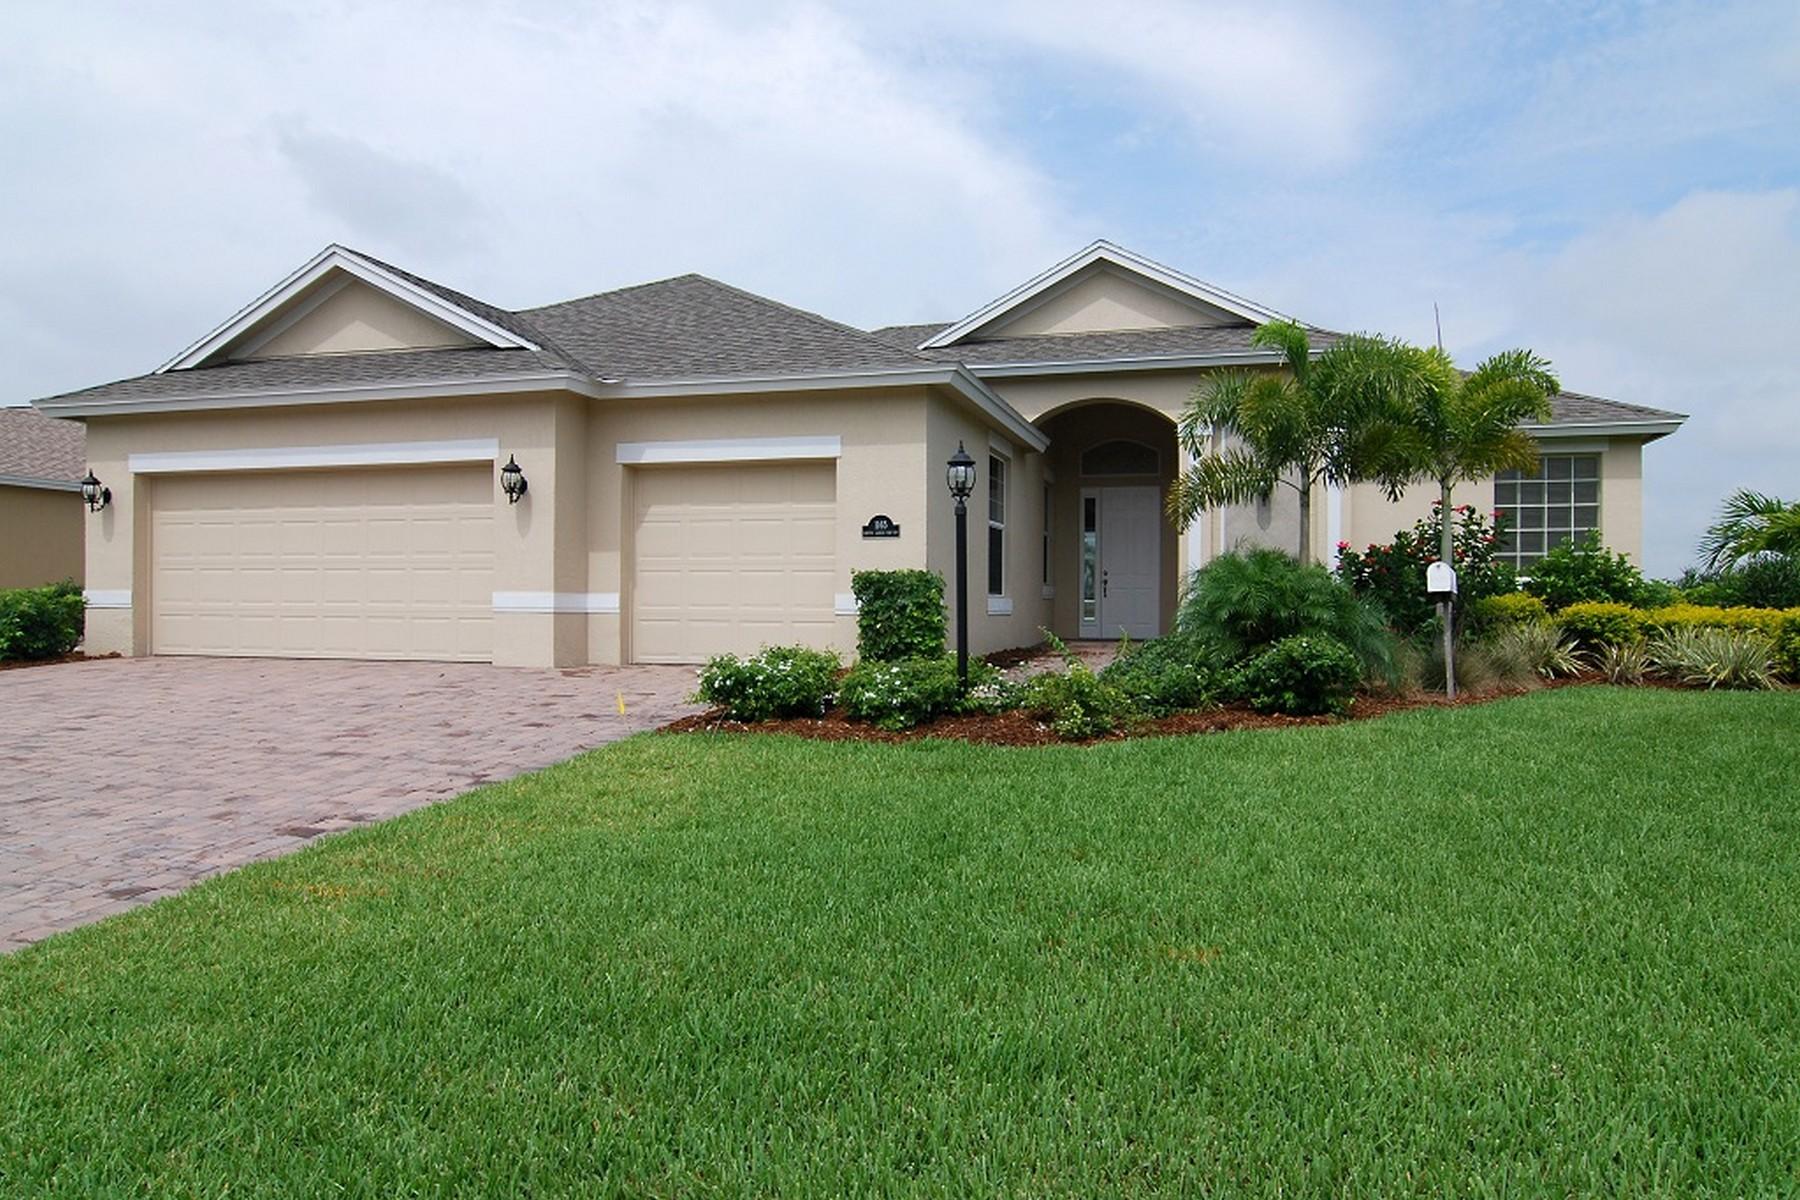 独户住宅 为 销售 在 The Columbia Model 4472 Gagnon Road 圣露西港, 佛罗里达州, 34953 美国